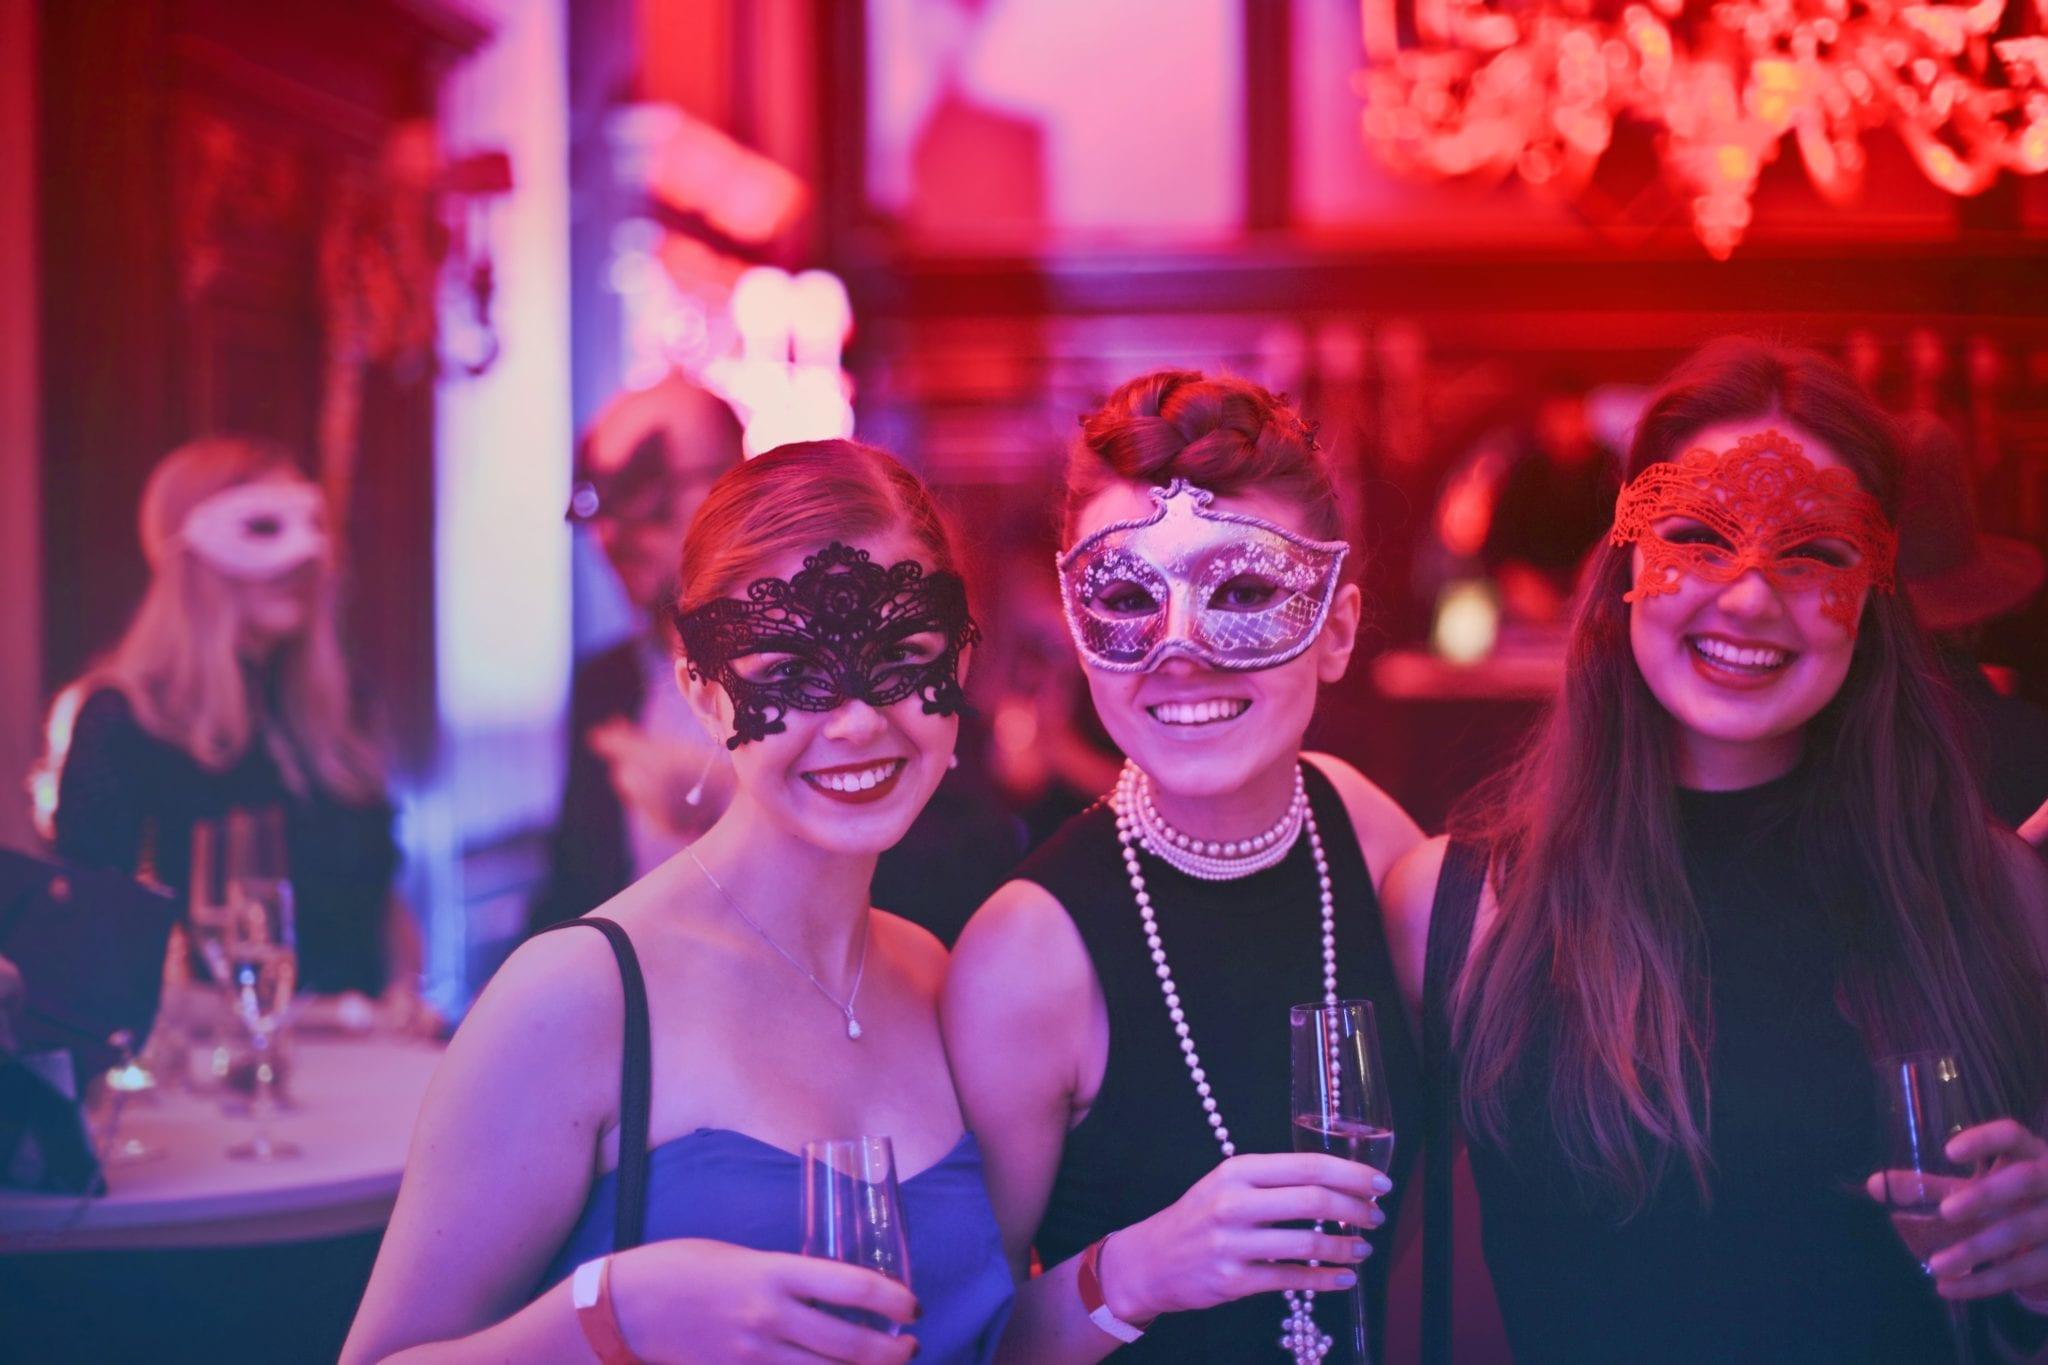 Jeune femme avec des invités portant un masque - Mariage Perpignan - Enterrement vie de jeune fille Perpignan